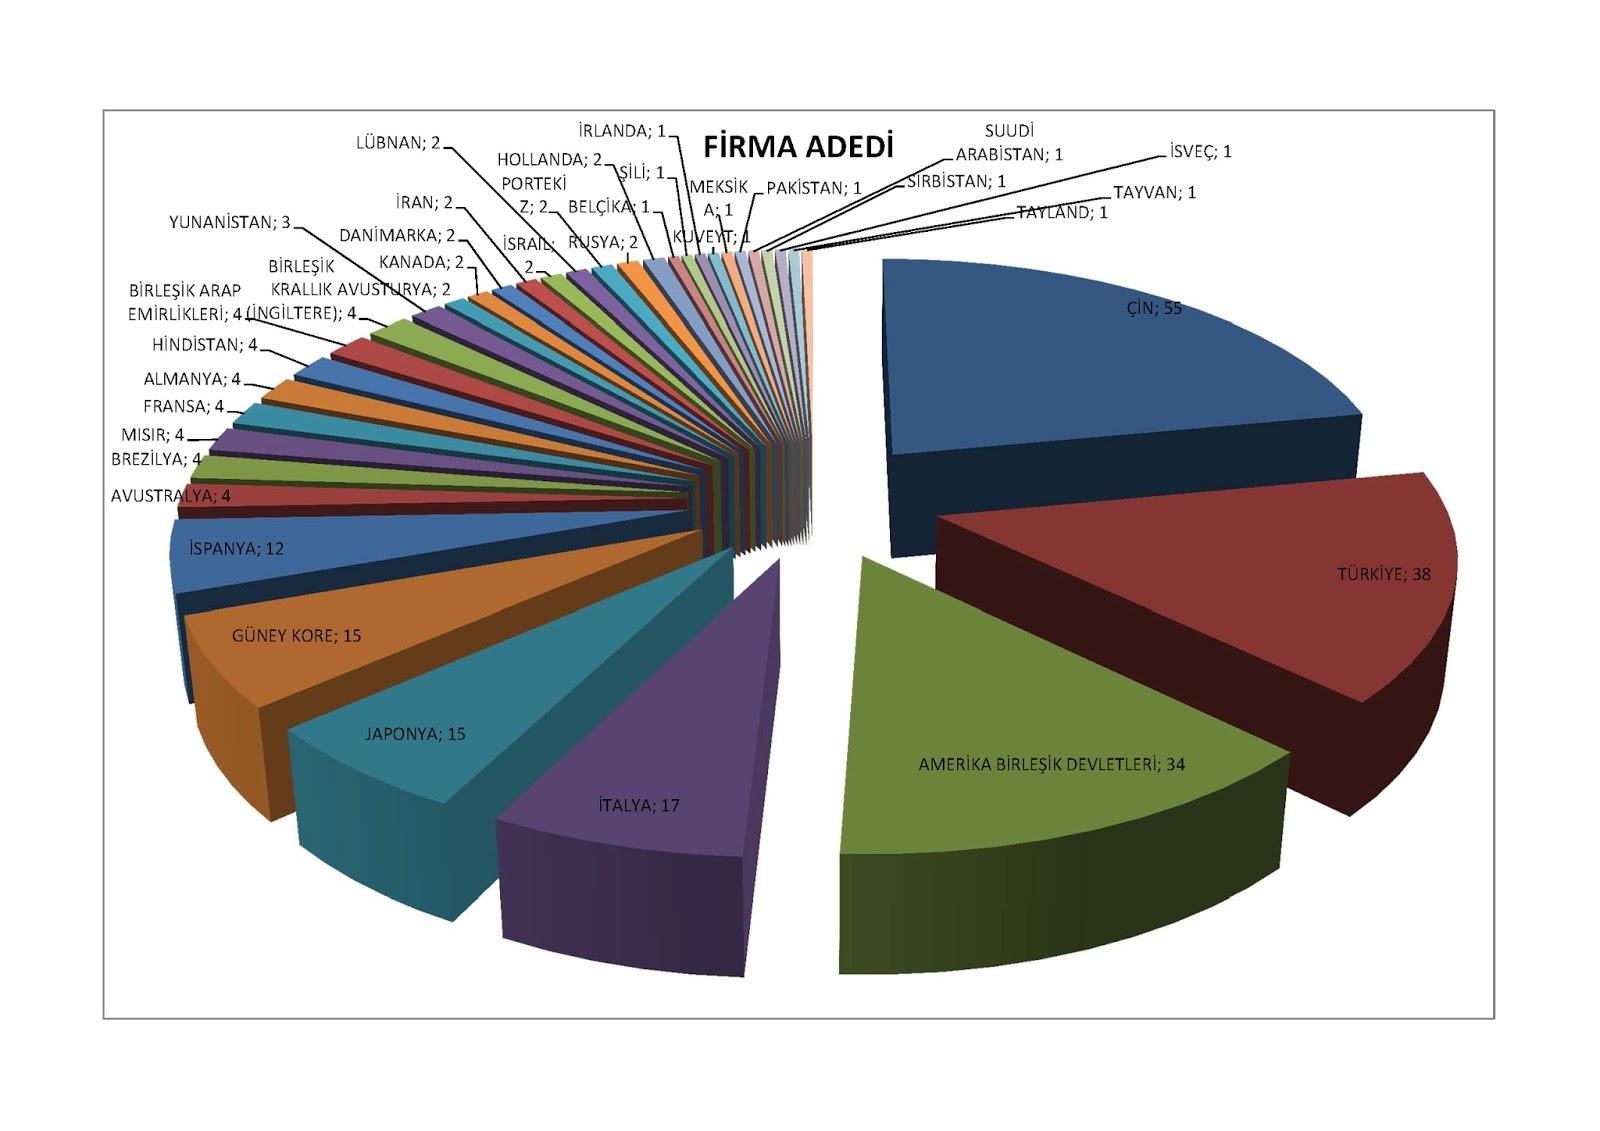 Ayakkabı eşleştirme boyutları: Rusya-ABD ve Avrupa ülkeleri. Nasıl doğru hesaplanır